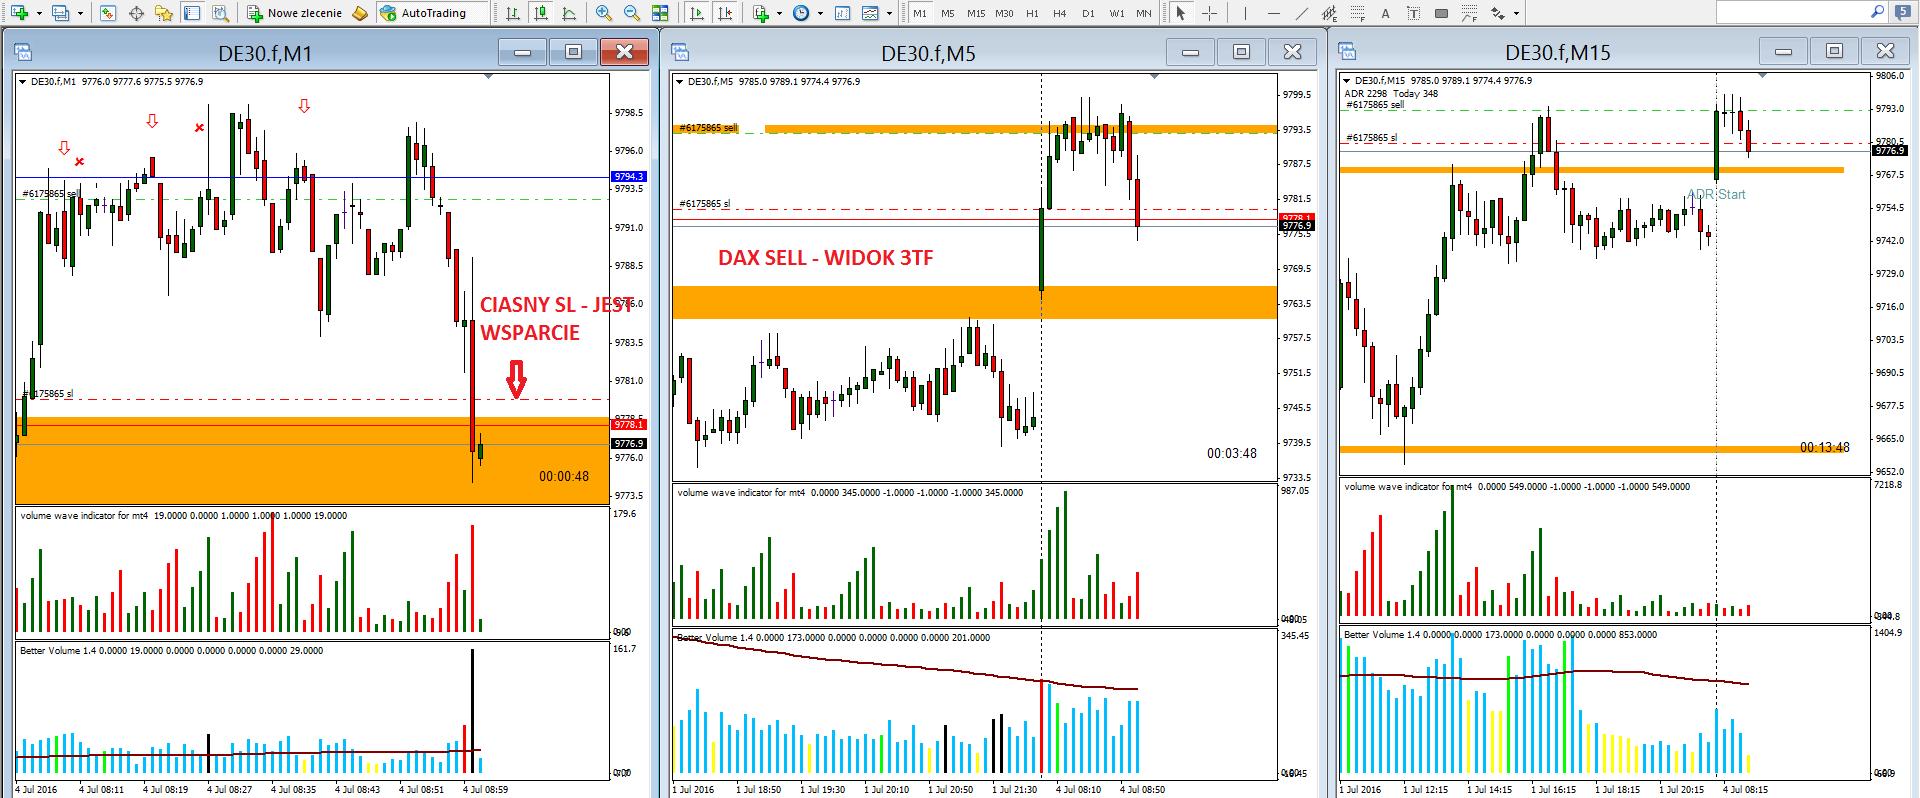 5-forex-skuteczna strategia-myforex-trader-trading-waluty-dax-prosta strategia tradingowa-broker-sukces-wolumen-vsa-świec japońskie-formacje świecowe-poziomy fibo-scalping